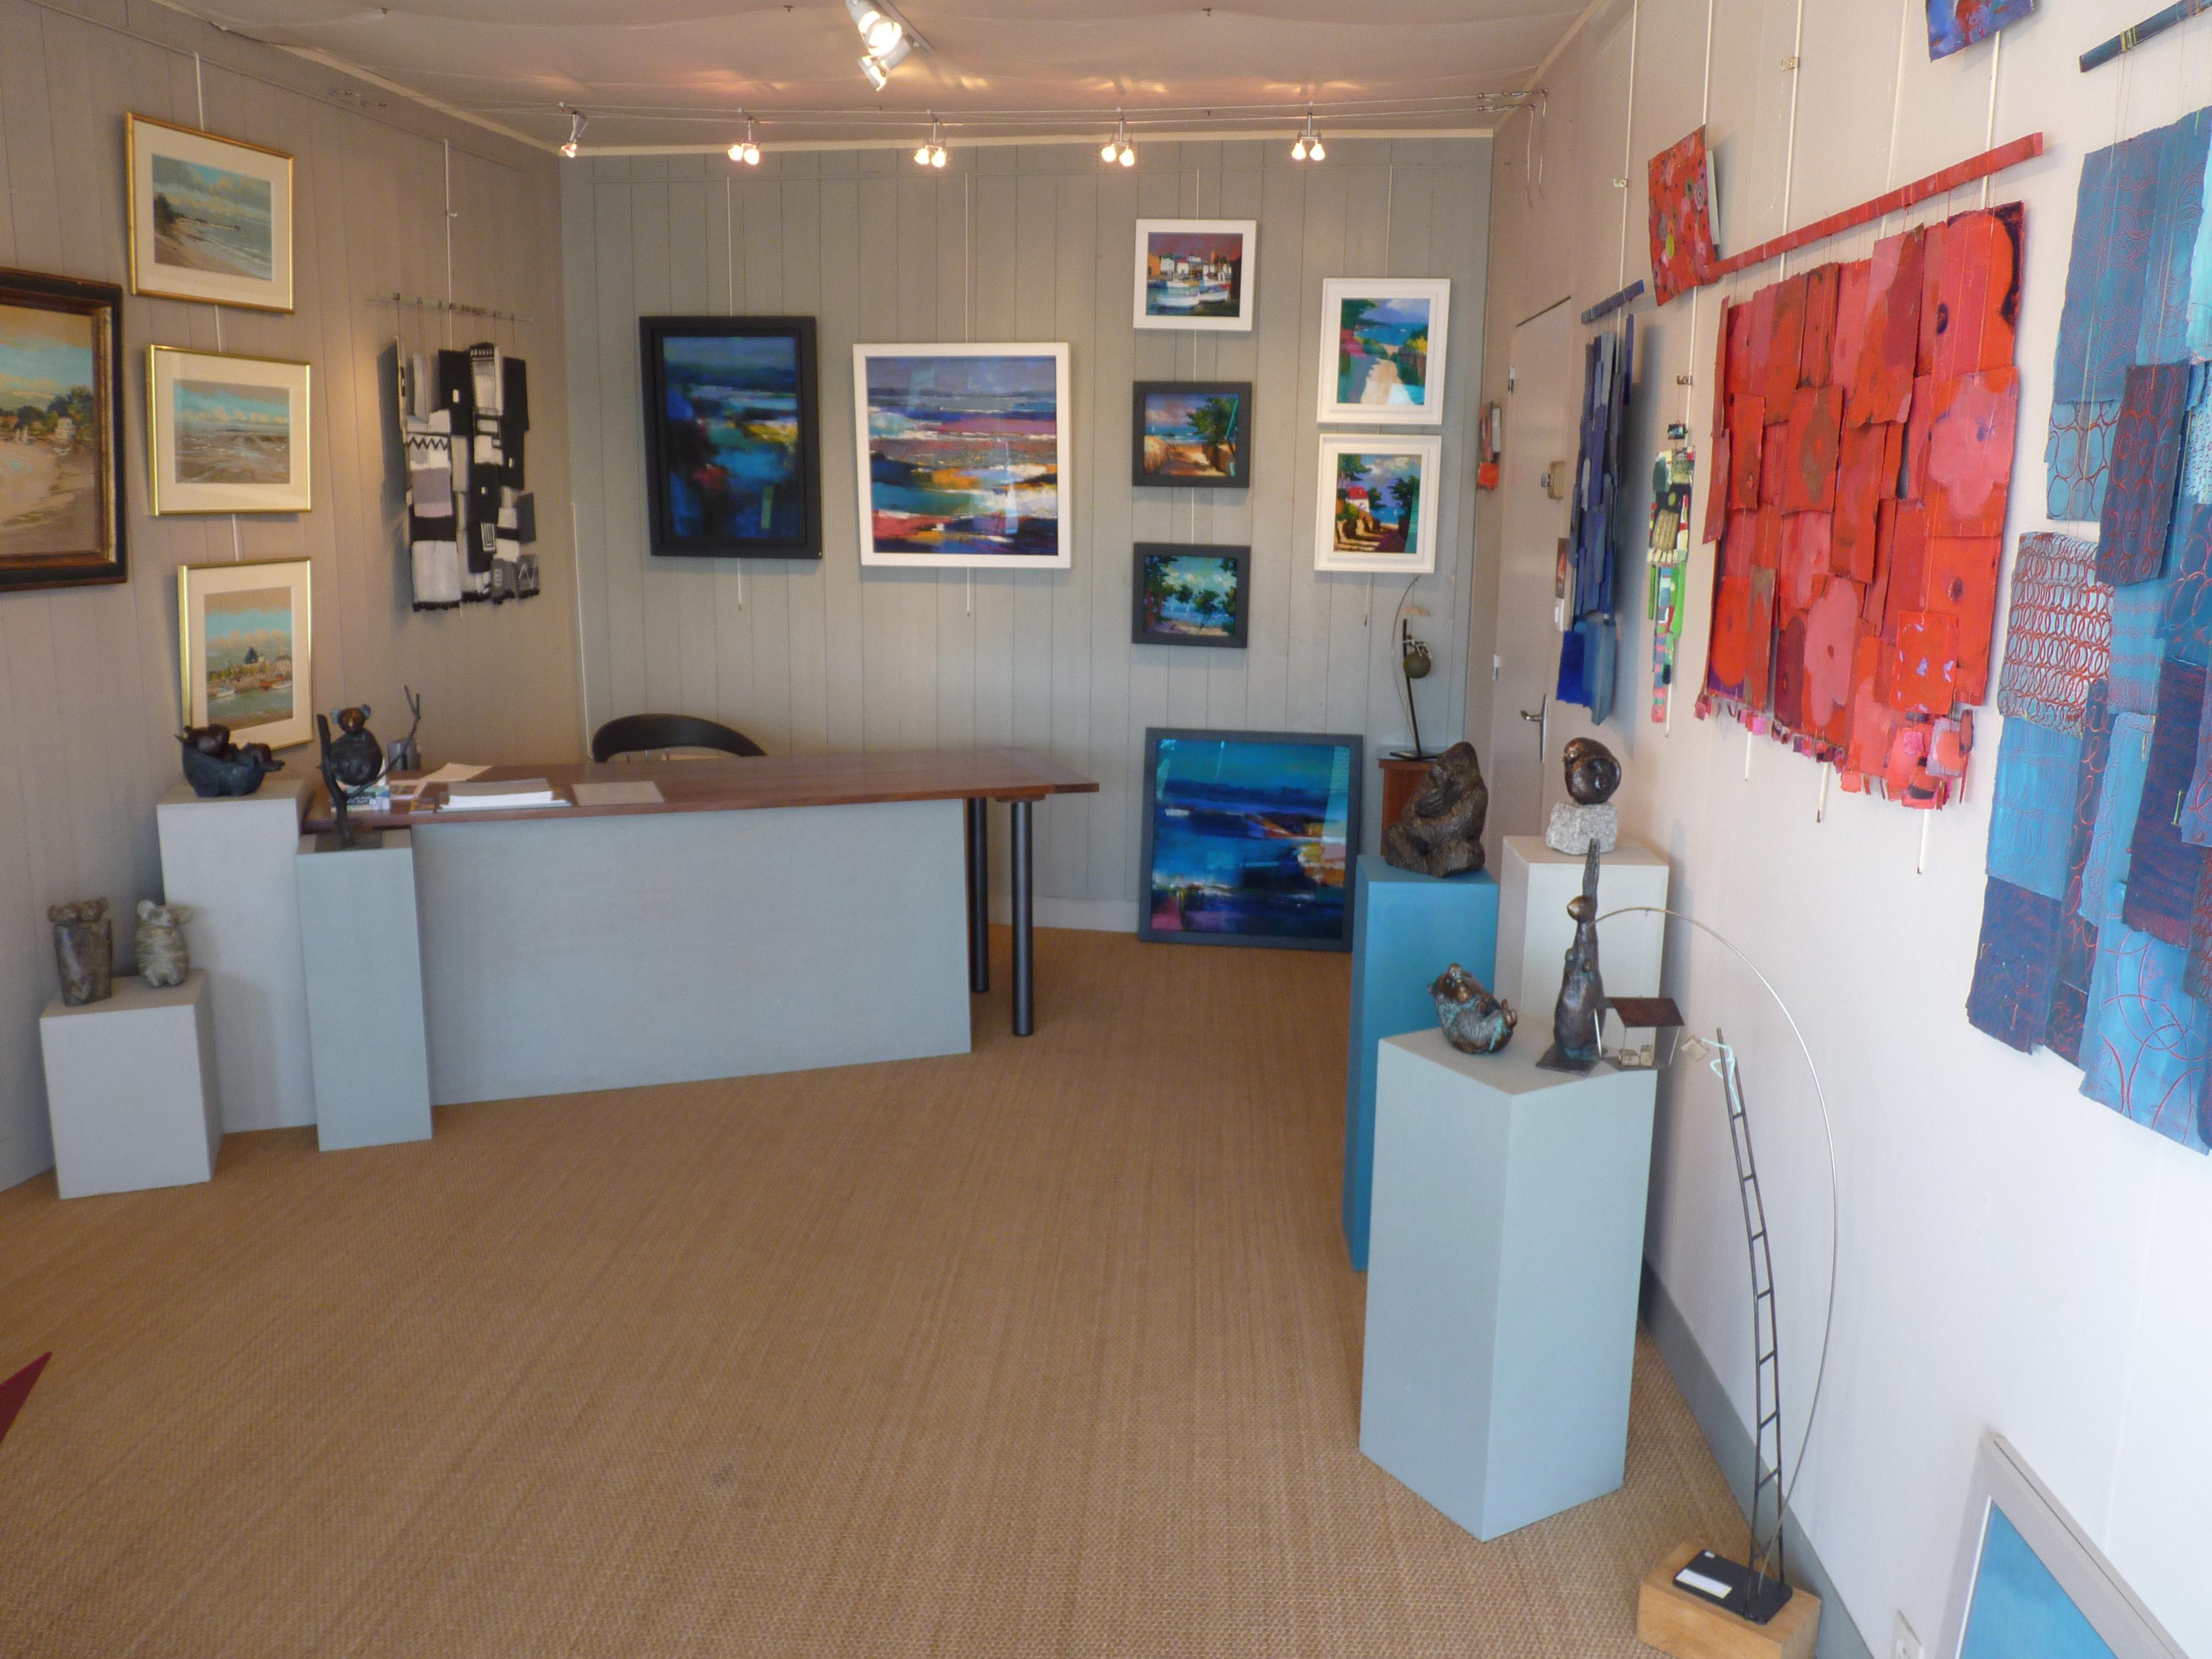 Galerie du port noirmoutier - Galerie du port noirmoutier ...